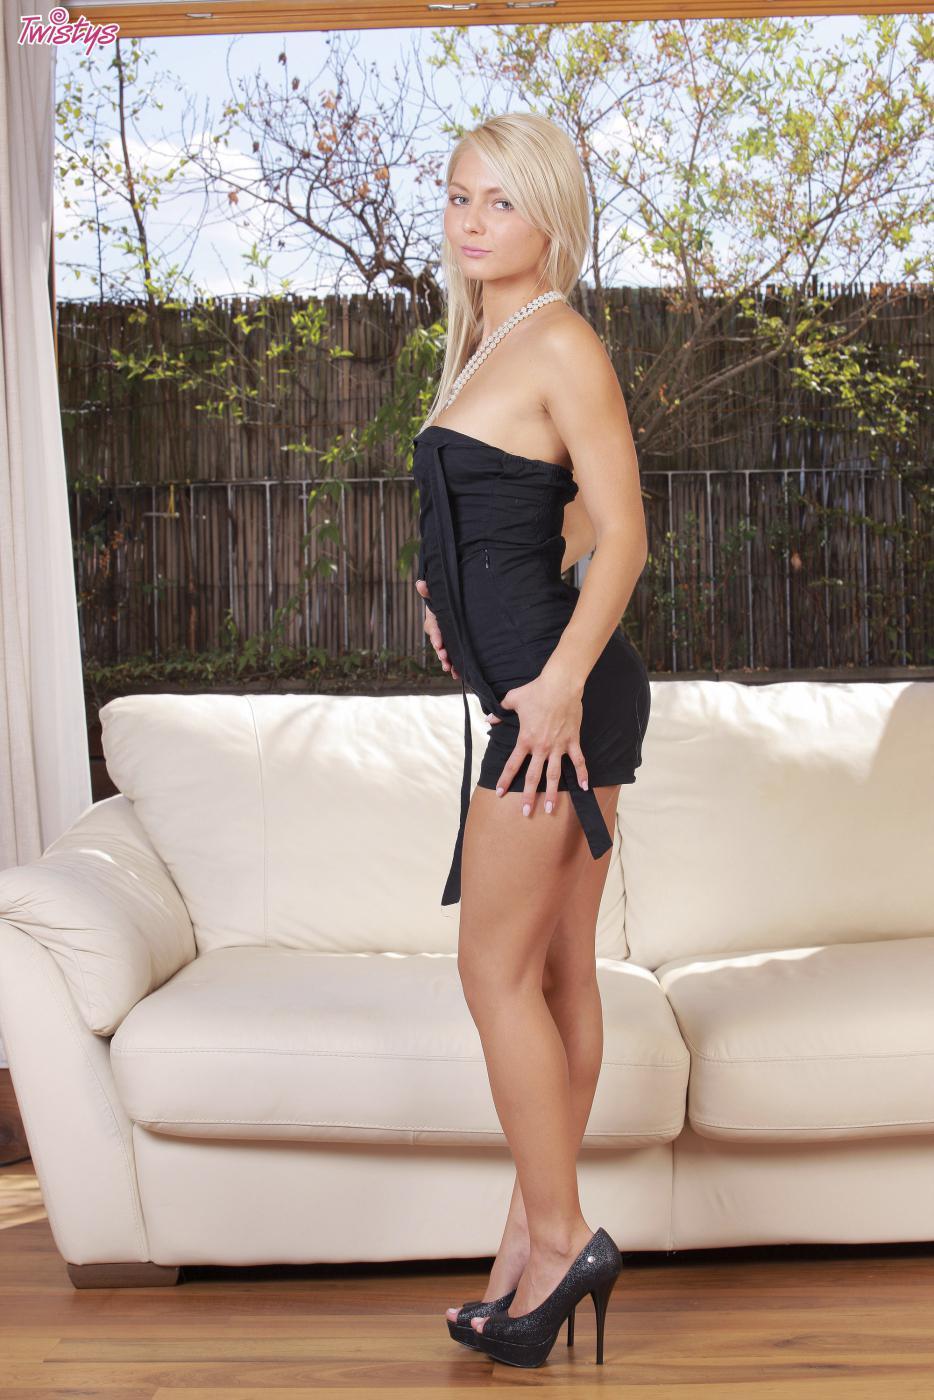 Горячая блондинка Pinky June без трусов, стоя на коленях, проникает пальчиками в свою сладкую киску